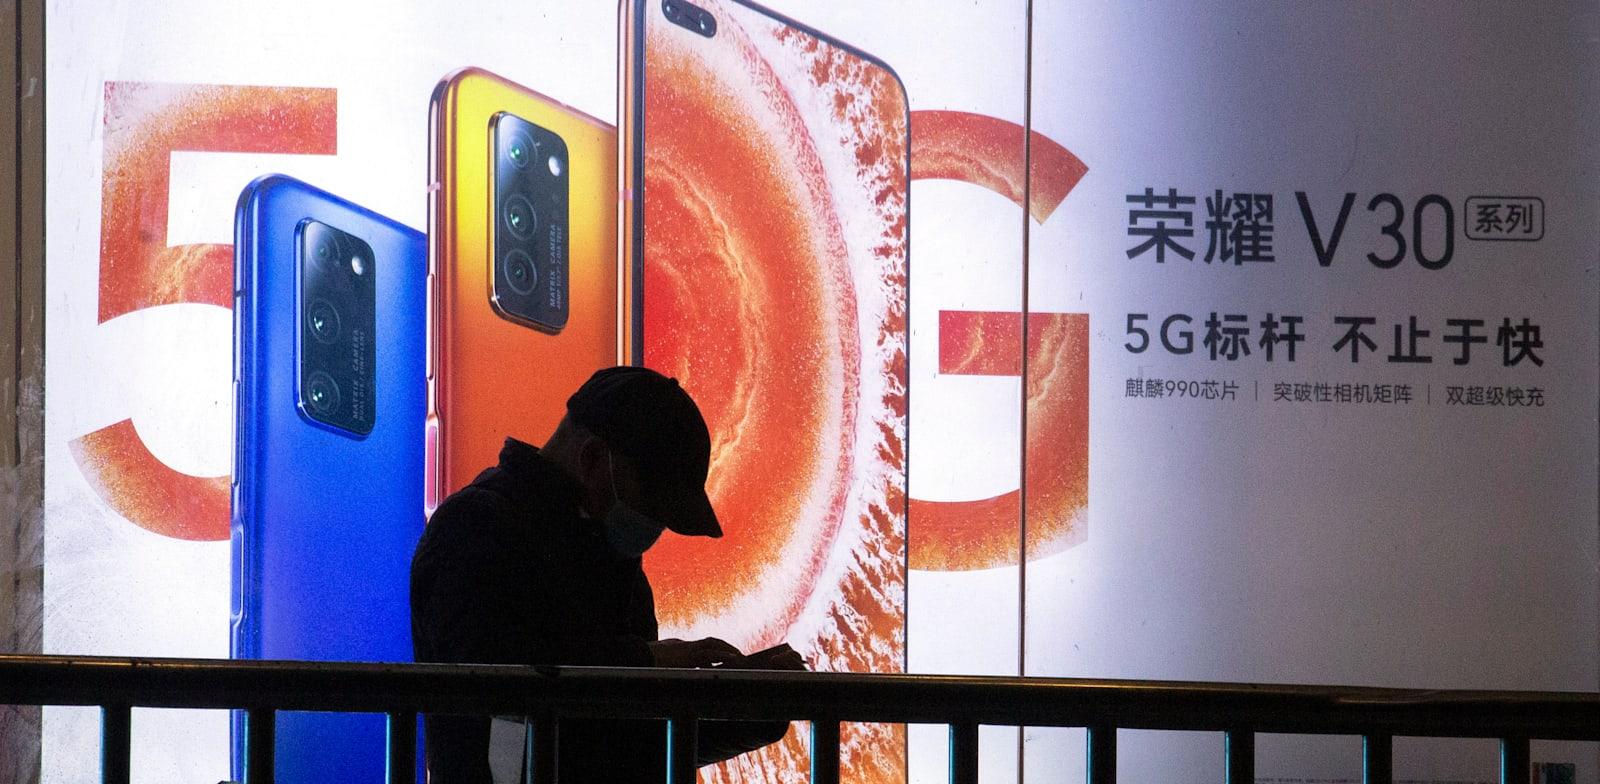 שלט חוצות של סמארטפון 5G של וואווי / צילום: Associated Press, Ng Han Guan